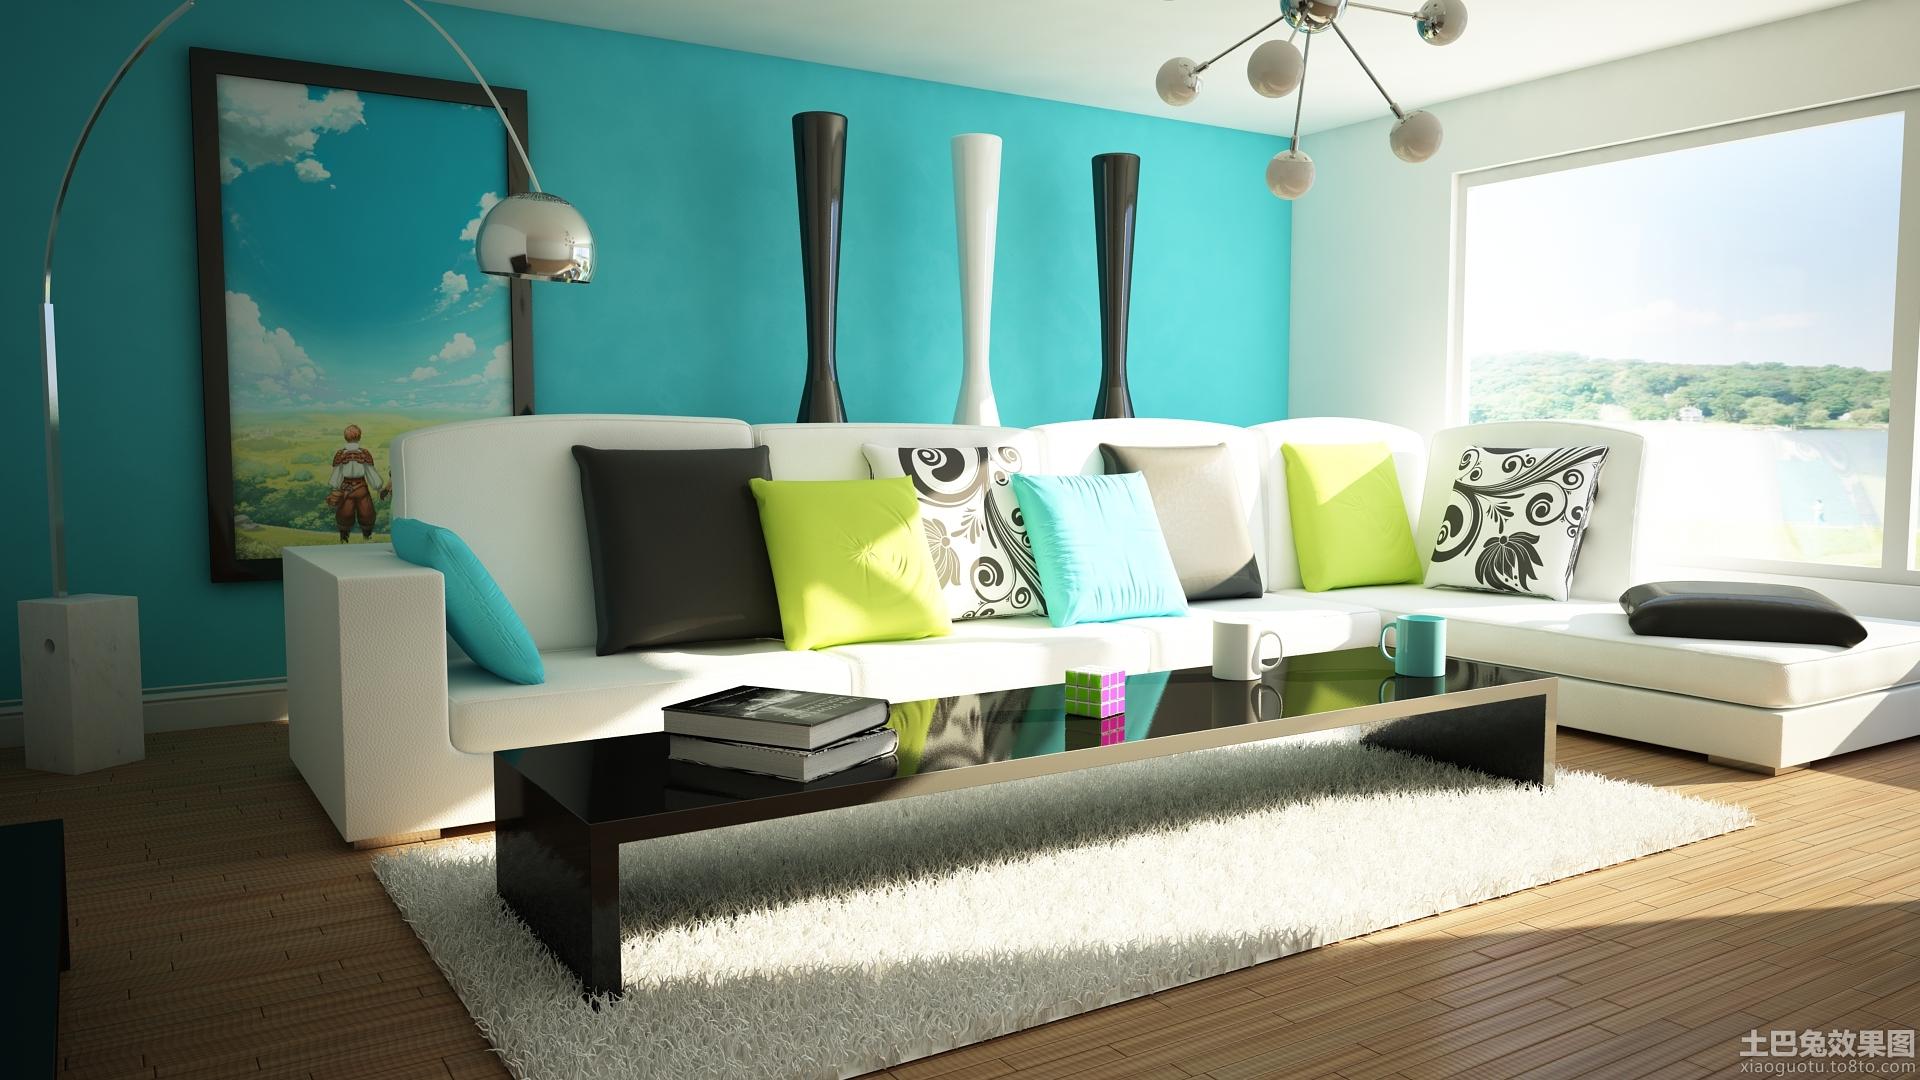 现代客厅墙画图片大全装修效果图 第1张 家居图库 九正家居网